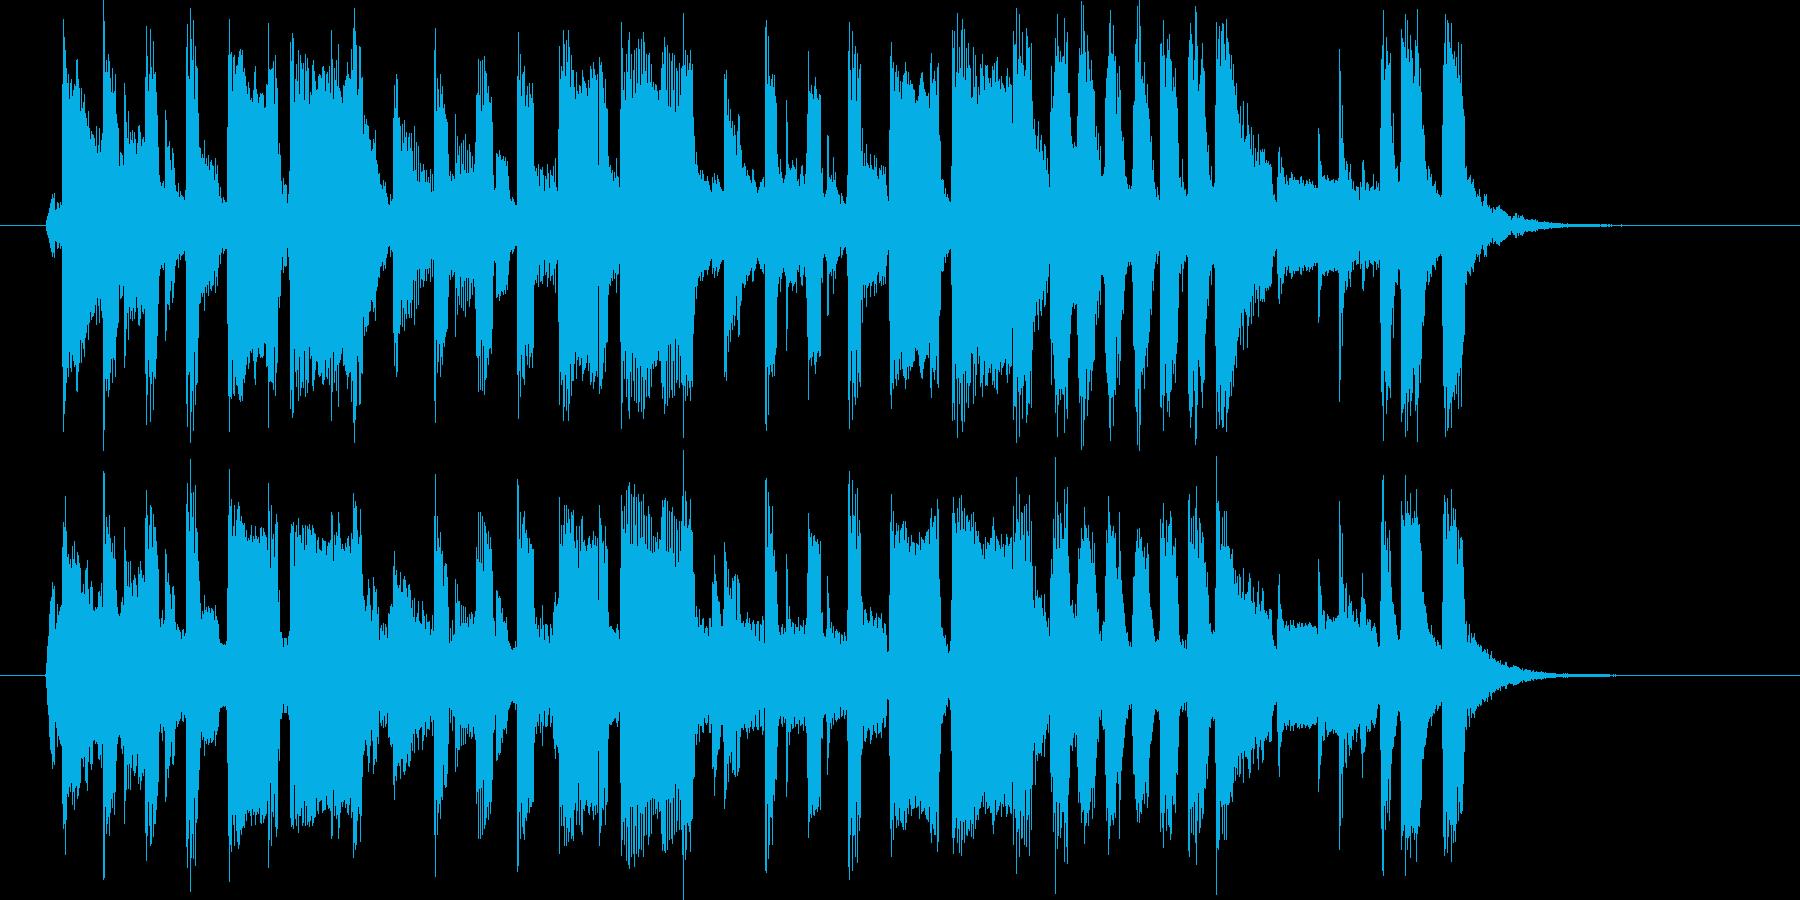 ギターと金管楽器が軽快でポップな楽曲の再生済みの波形